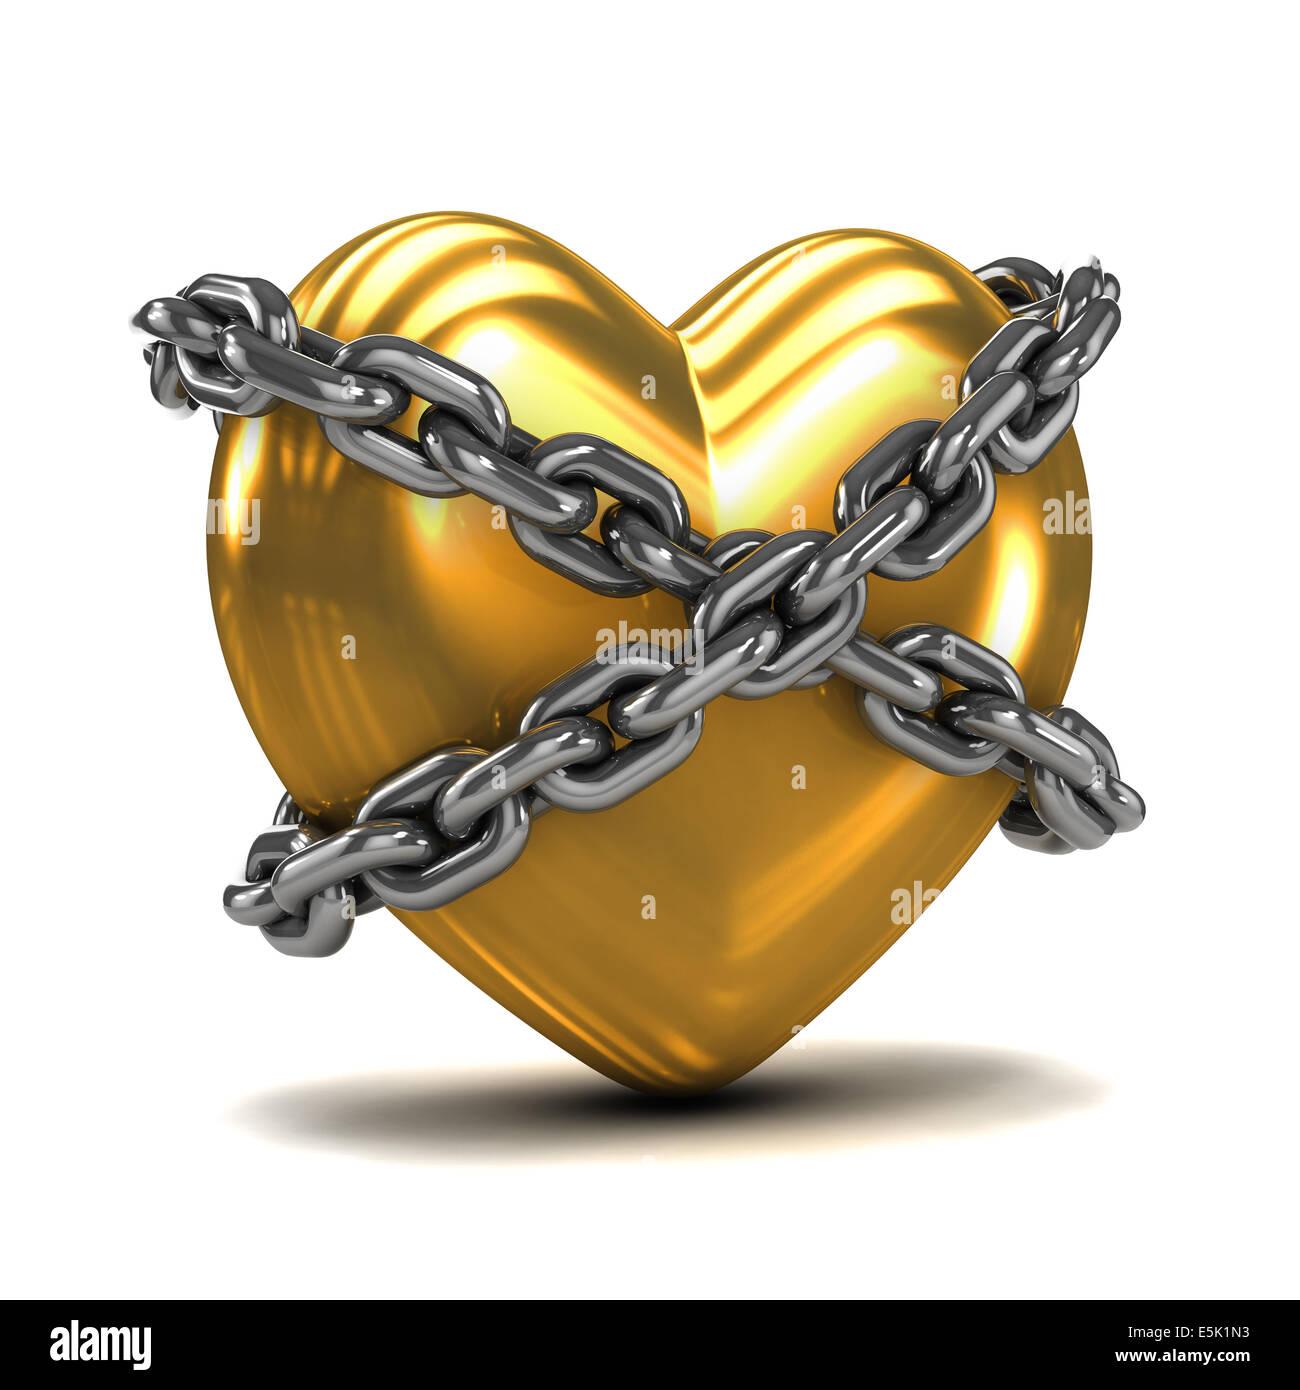 3D render di un cuore d'oro avvolto in catene Foto Stock